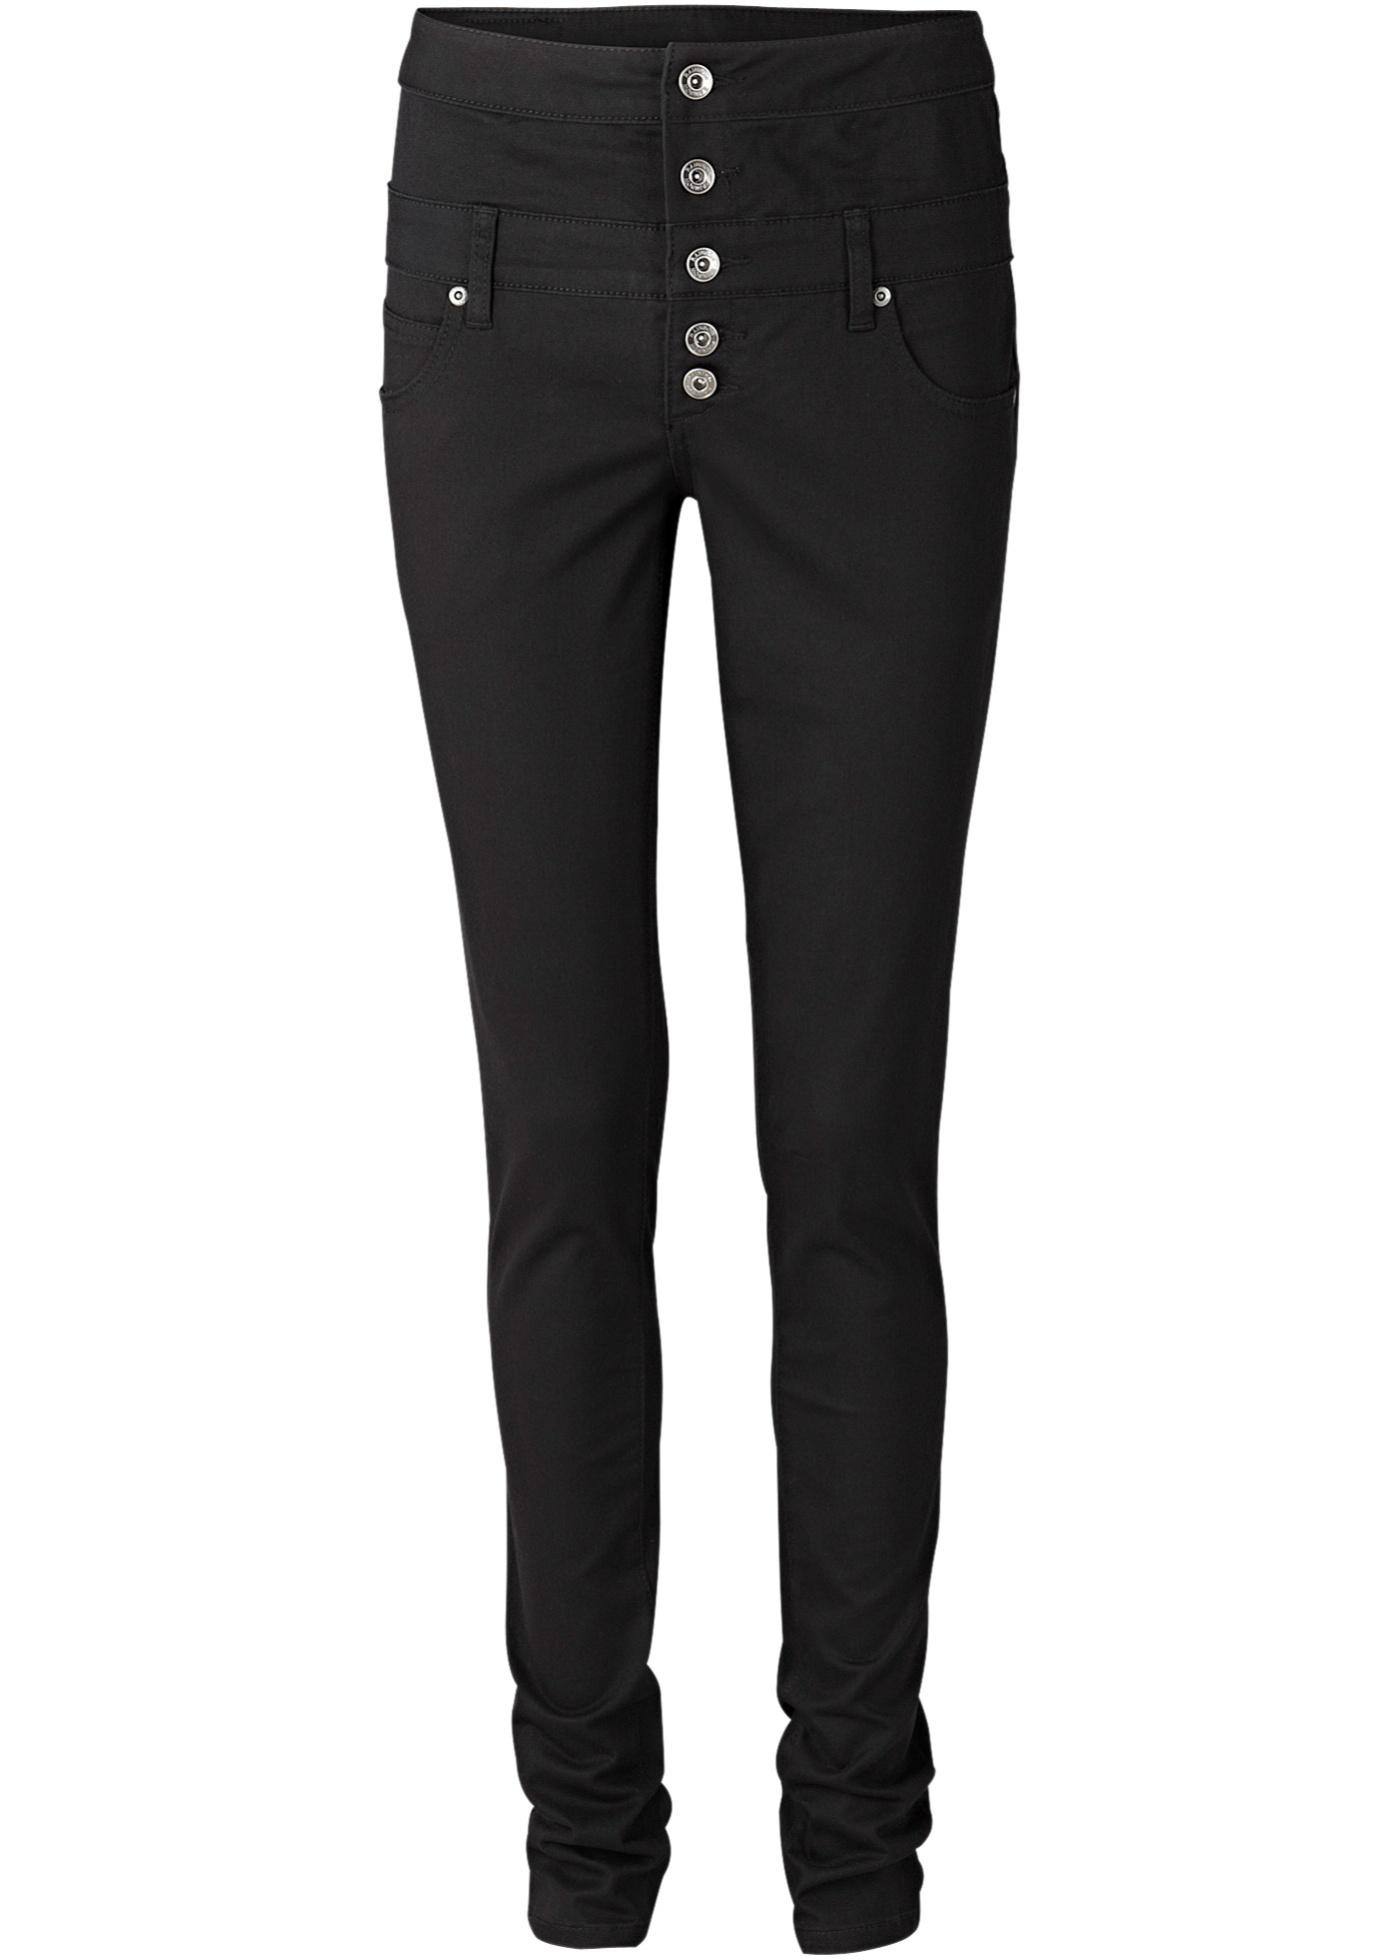 Strečové kalhoty Skinny - Černá